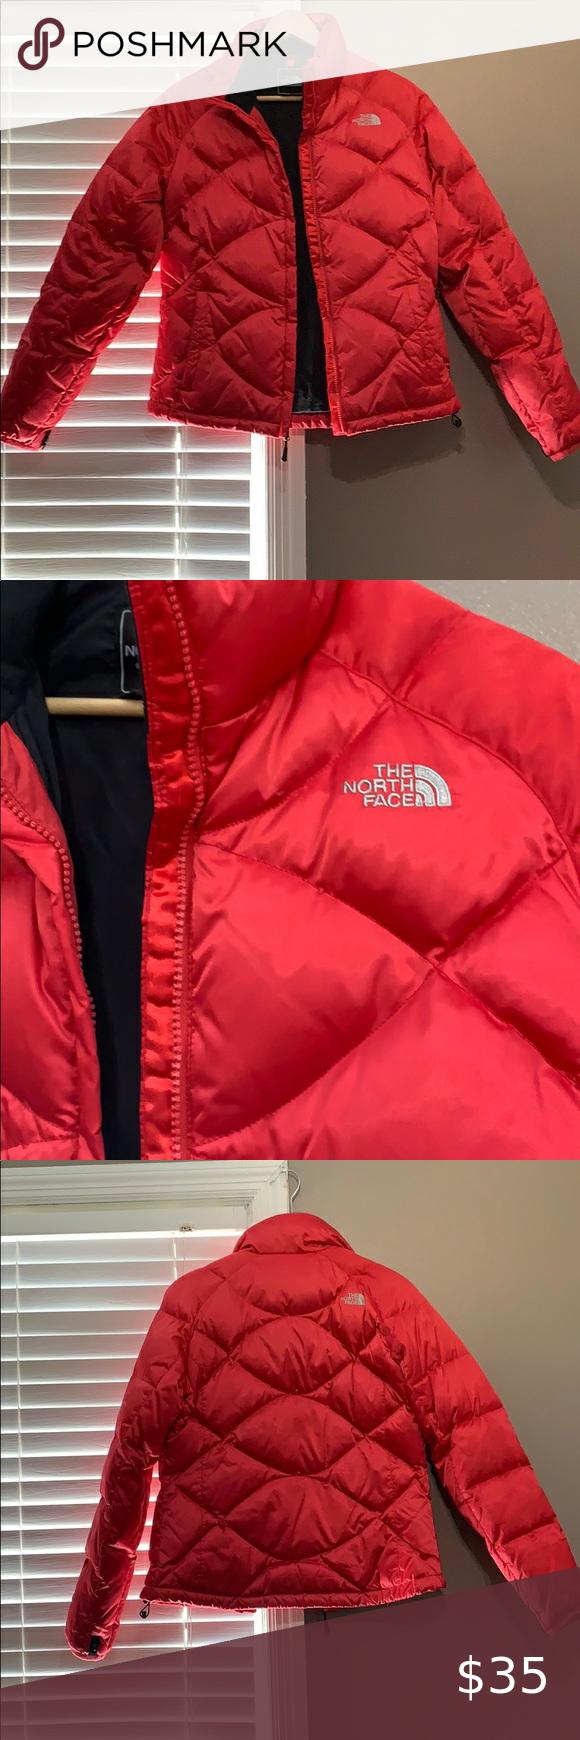 Women S North Face Jacket Medium North Face Jacket North Face Coat North Face Womens Coat [ 1740 x 580 Pixel ]